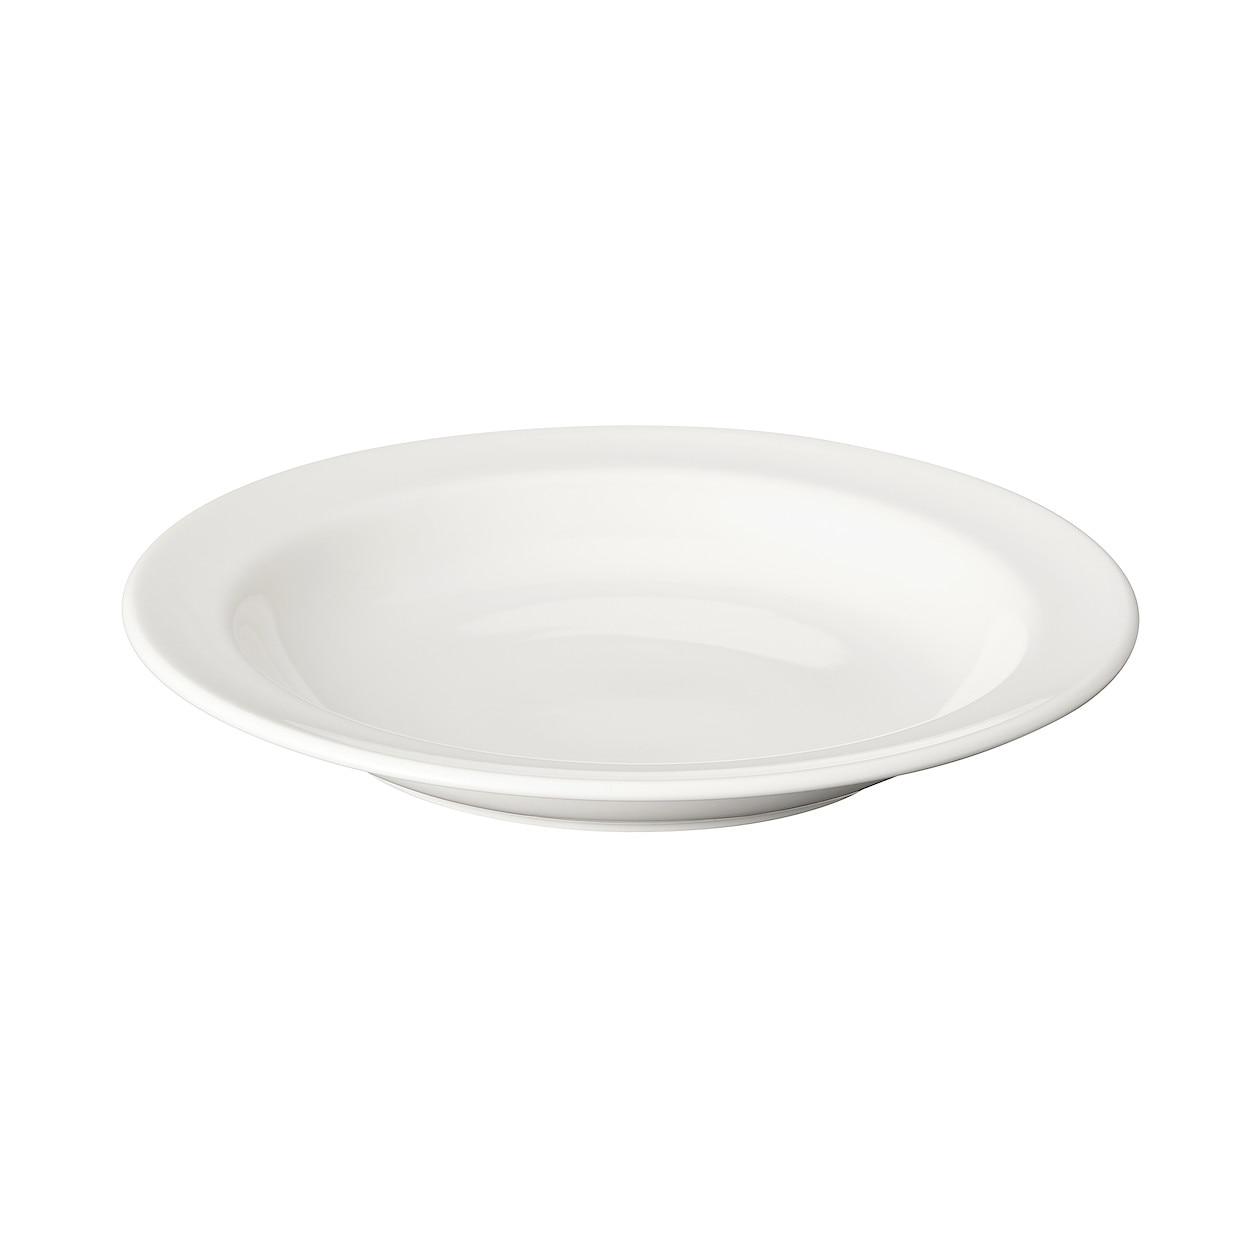 磁器 カレー皿